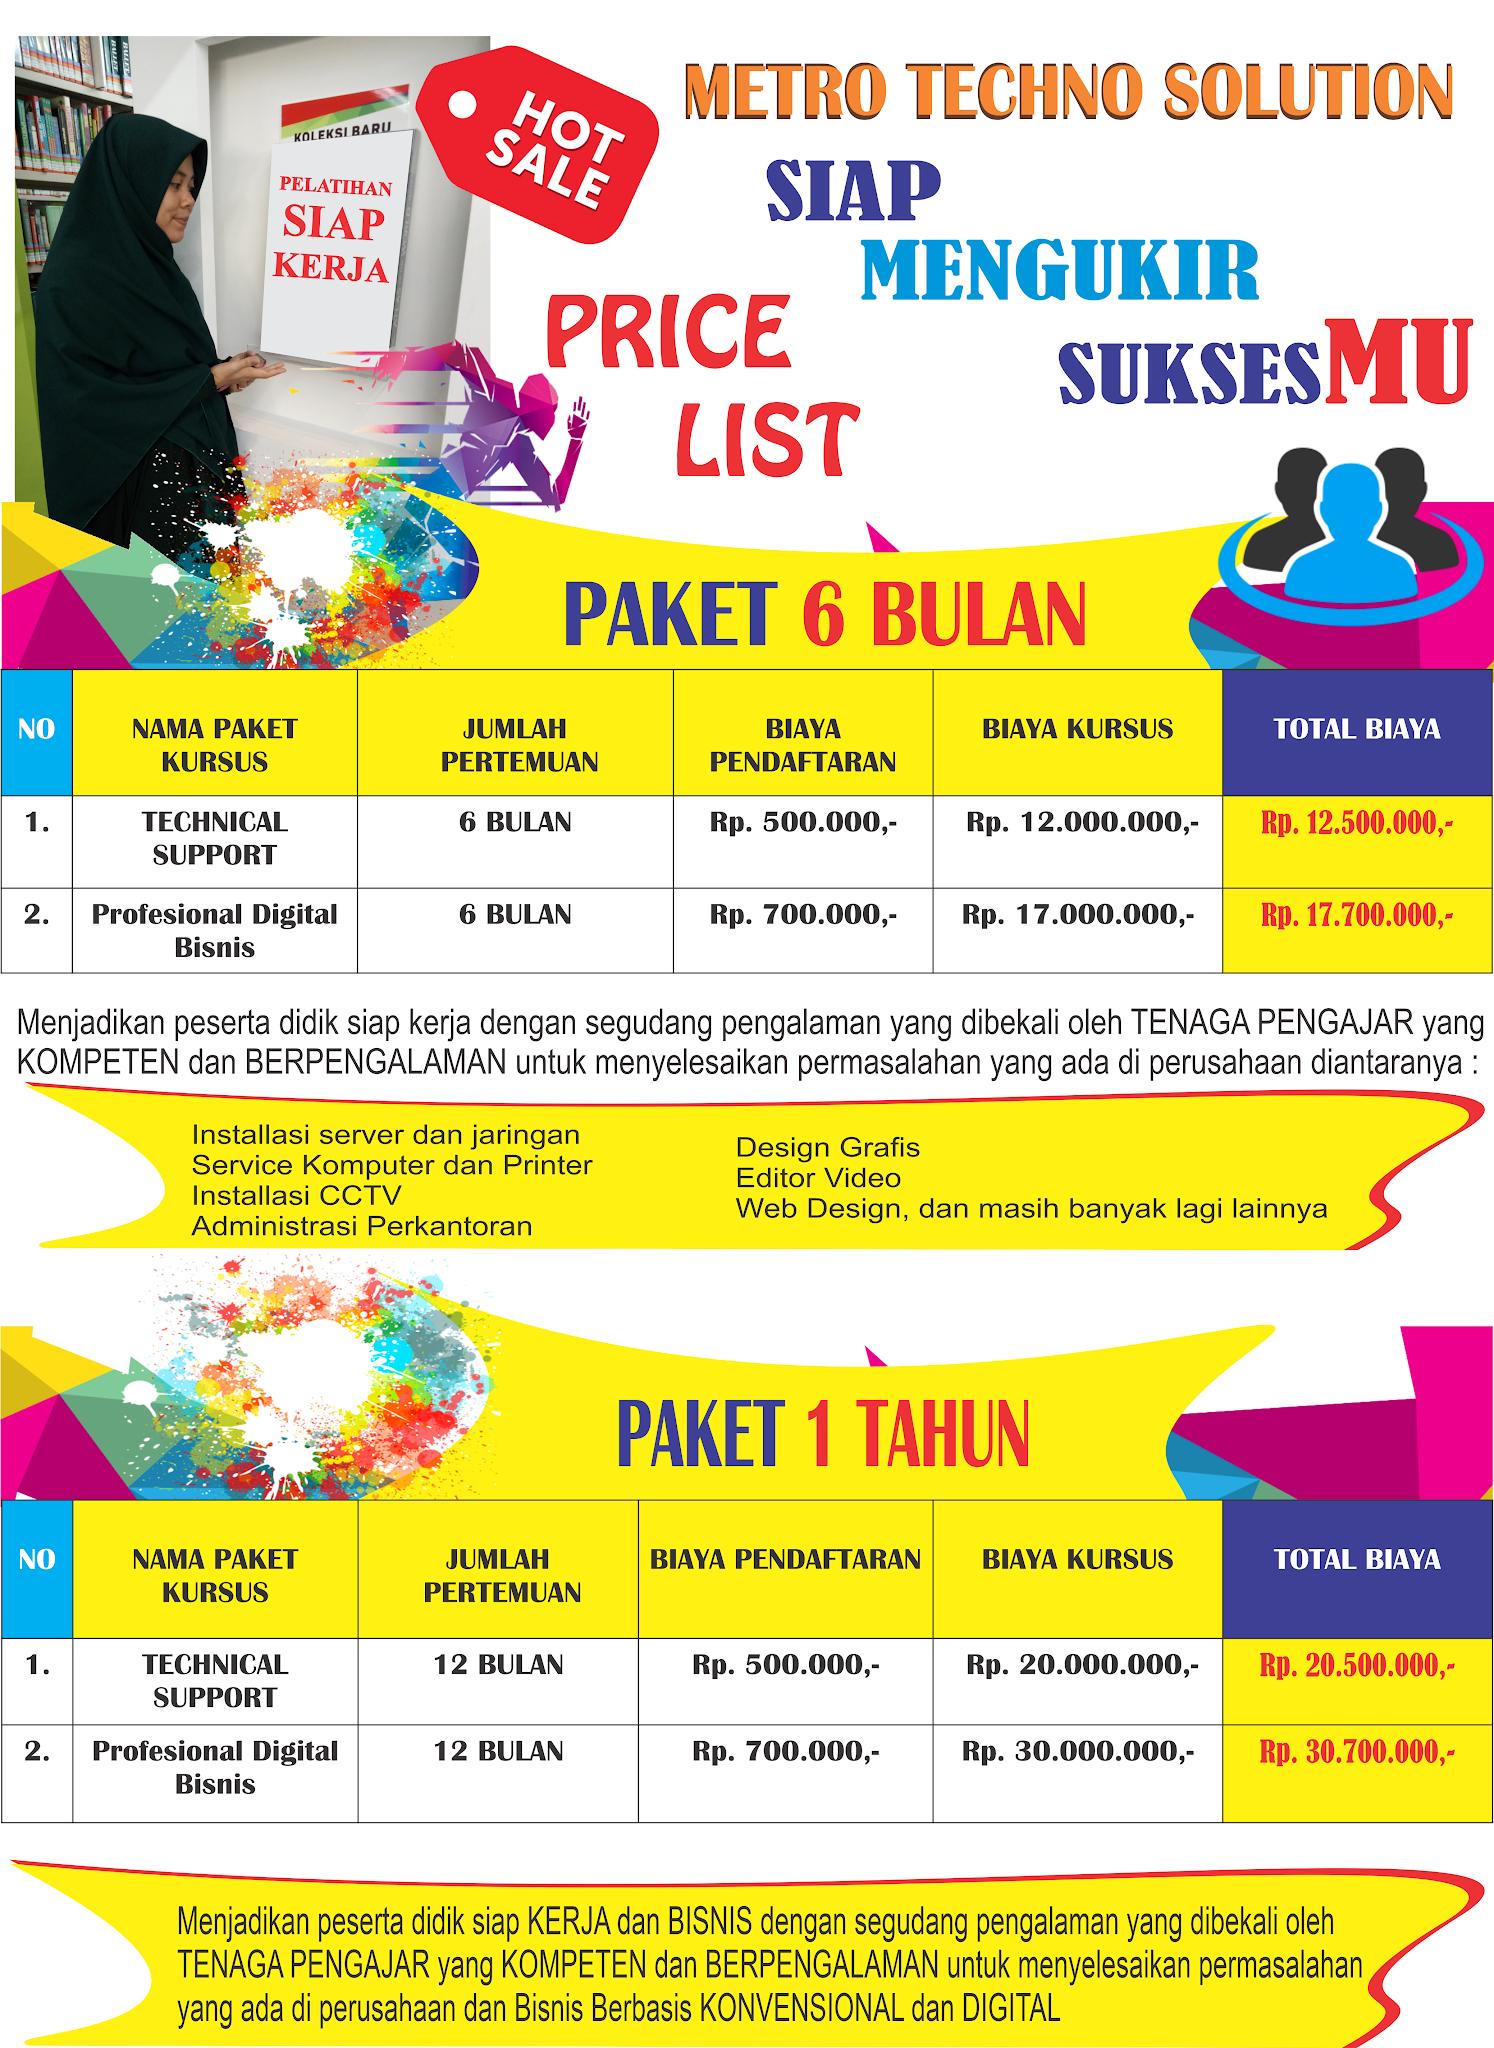 Daftar Harga Kursus Komputer Terbaik Lampung Paket 6 bulan dan 1 tahun